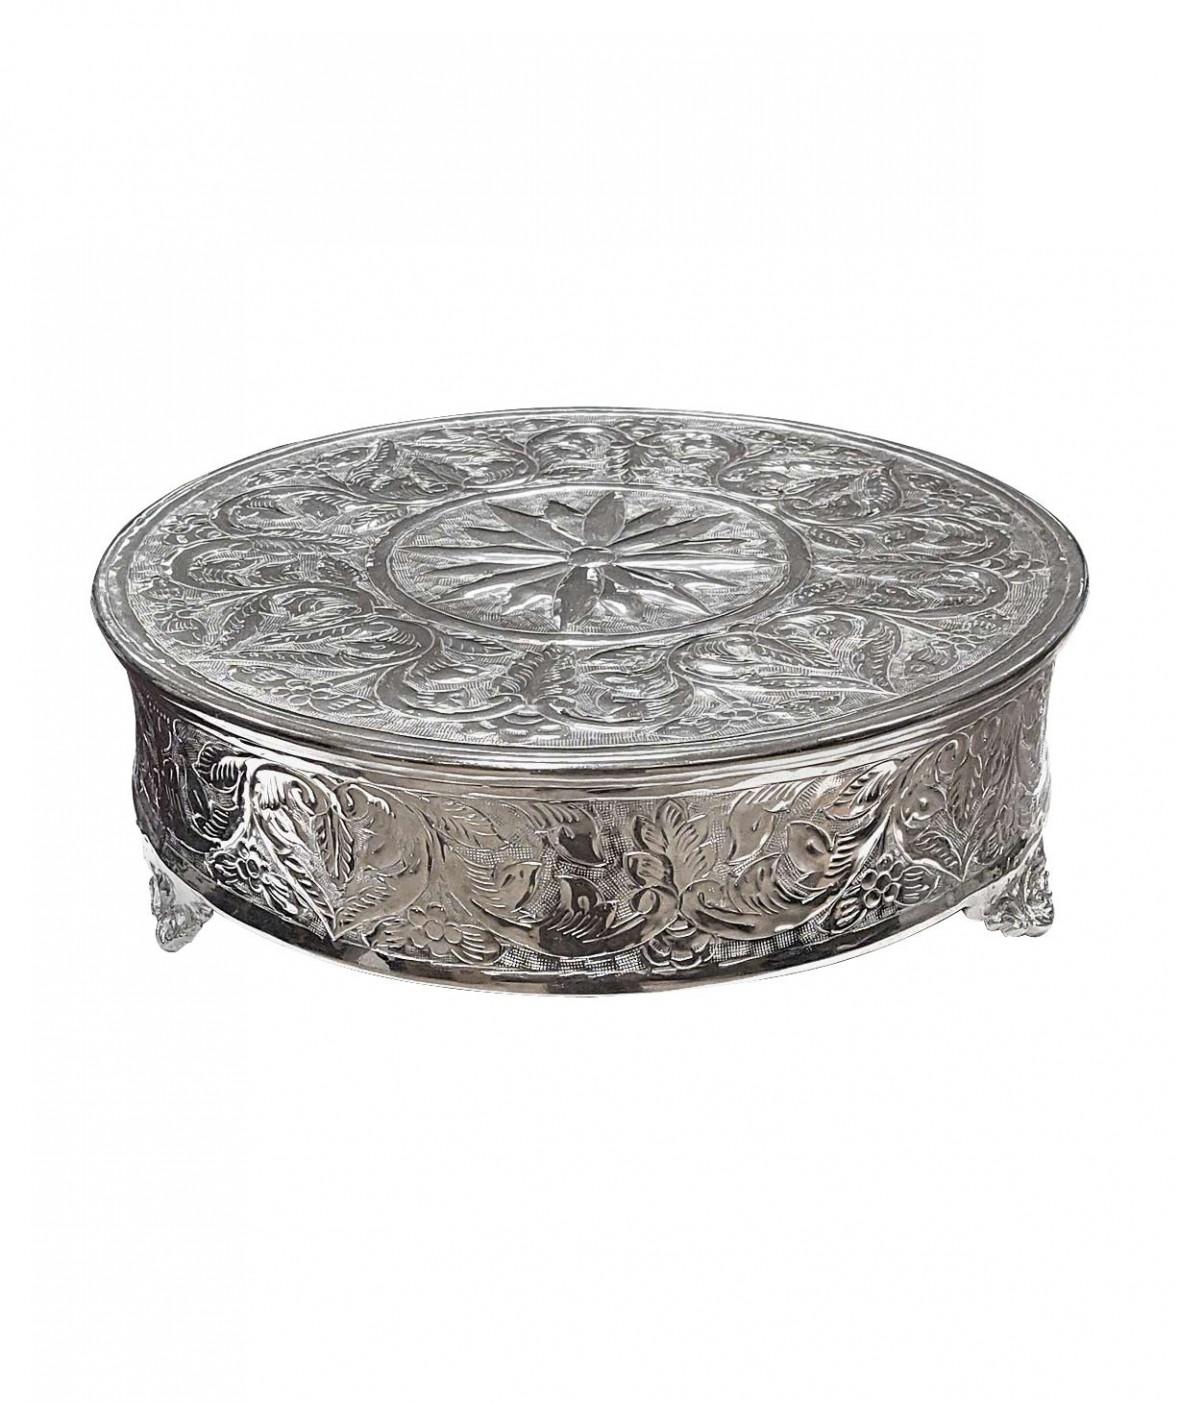 Подиум декоративный для торта или настольной декорации, чеканка ручной работы